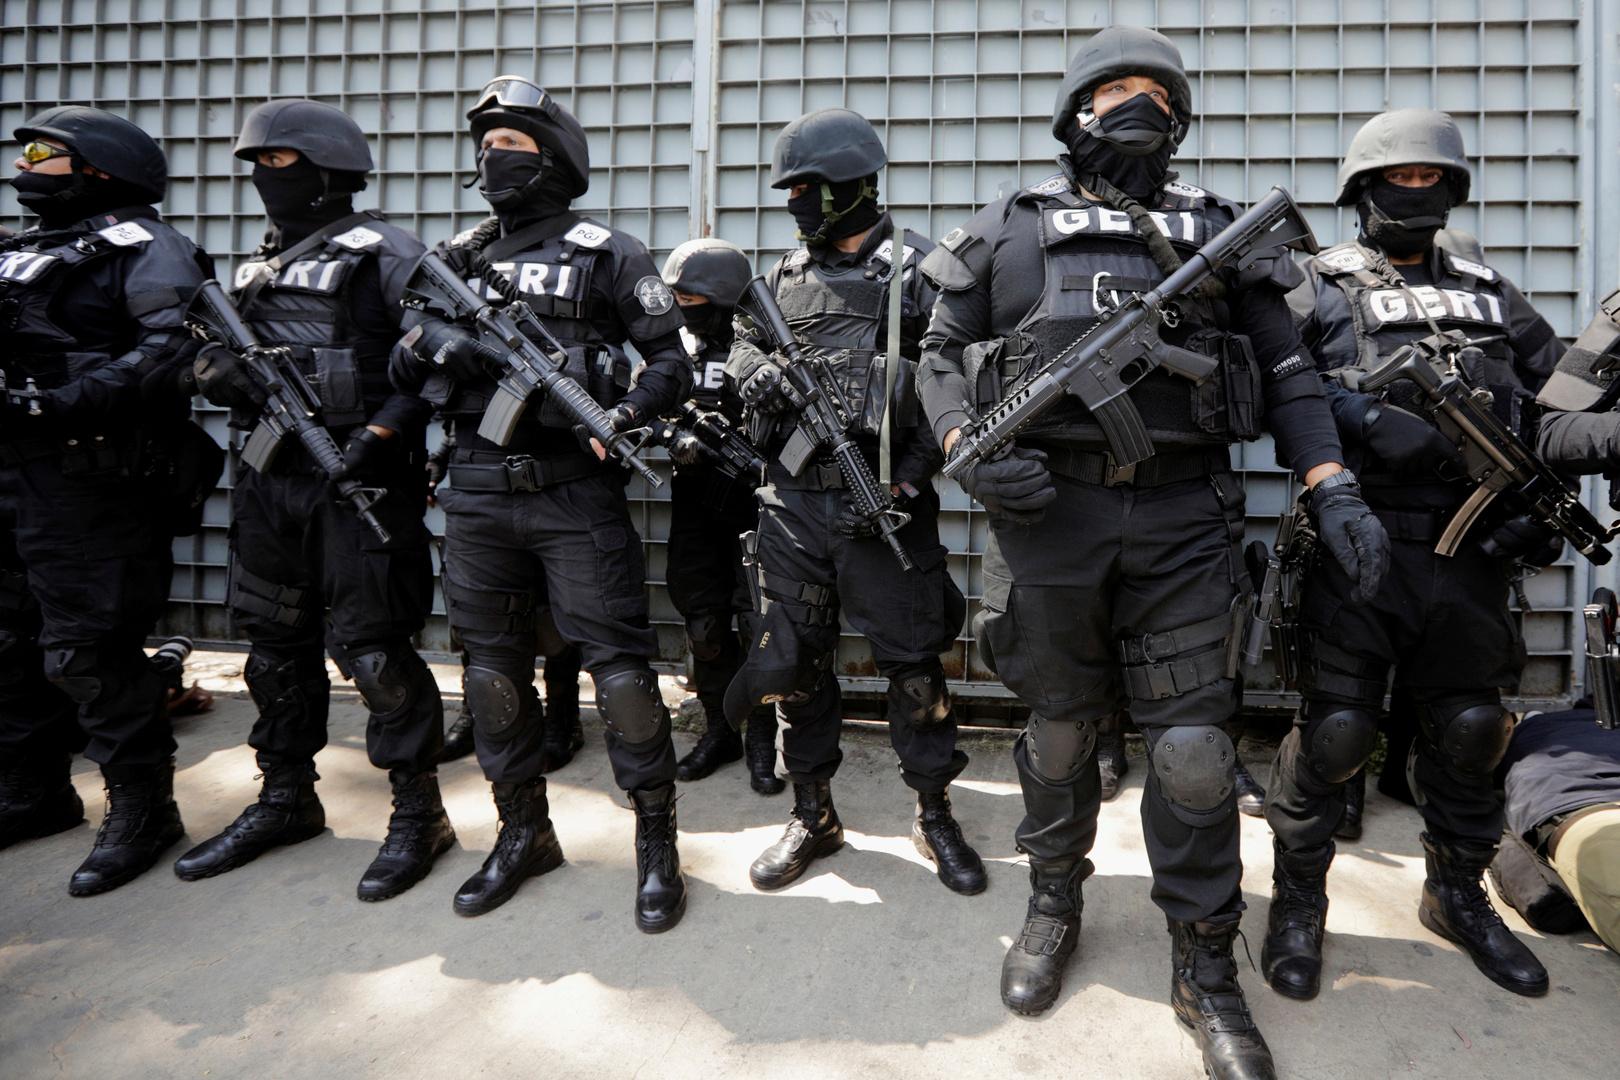 المكسيك.. اعتقال زعيم عصابة مخدرات يشتبه بتنظيم 900 عملية قتل